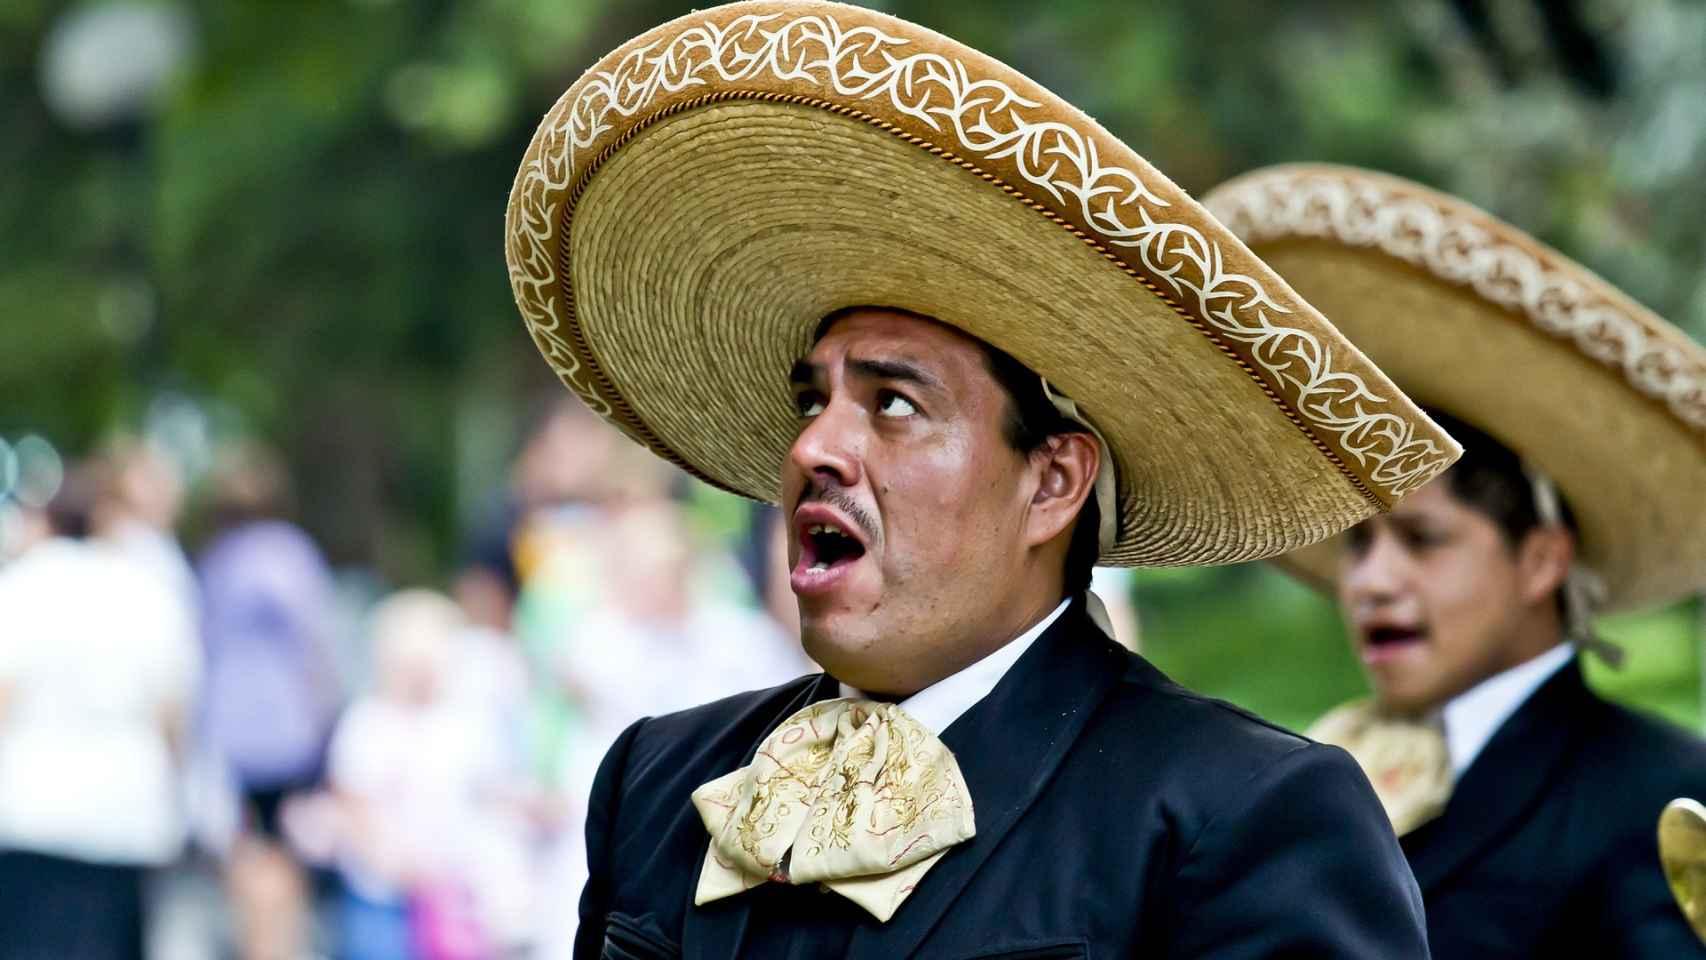 Un grupo de mariachis canta en la calle.